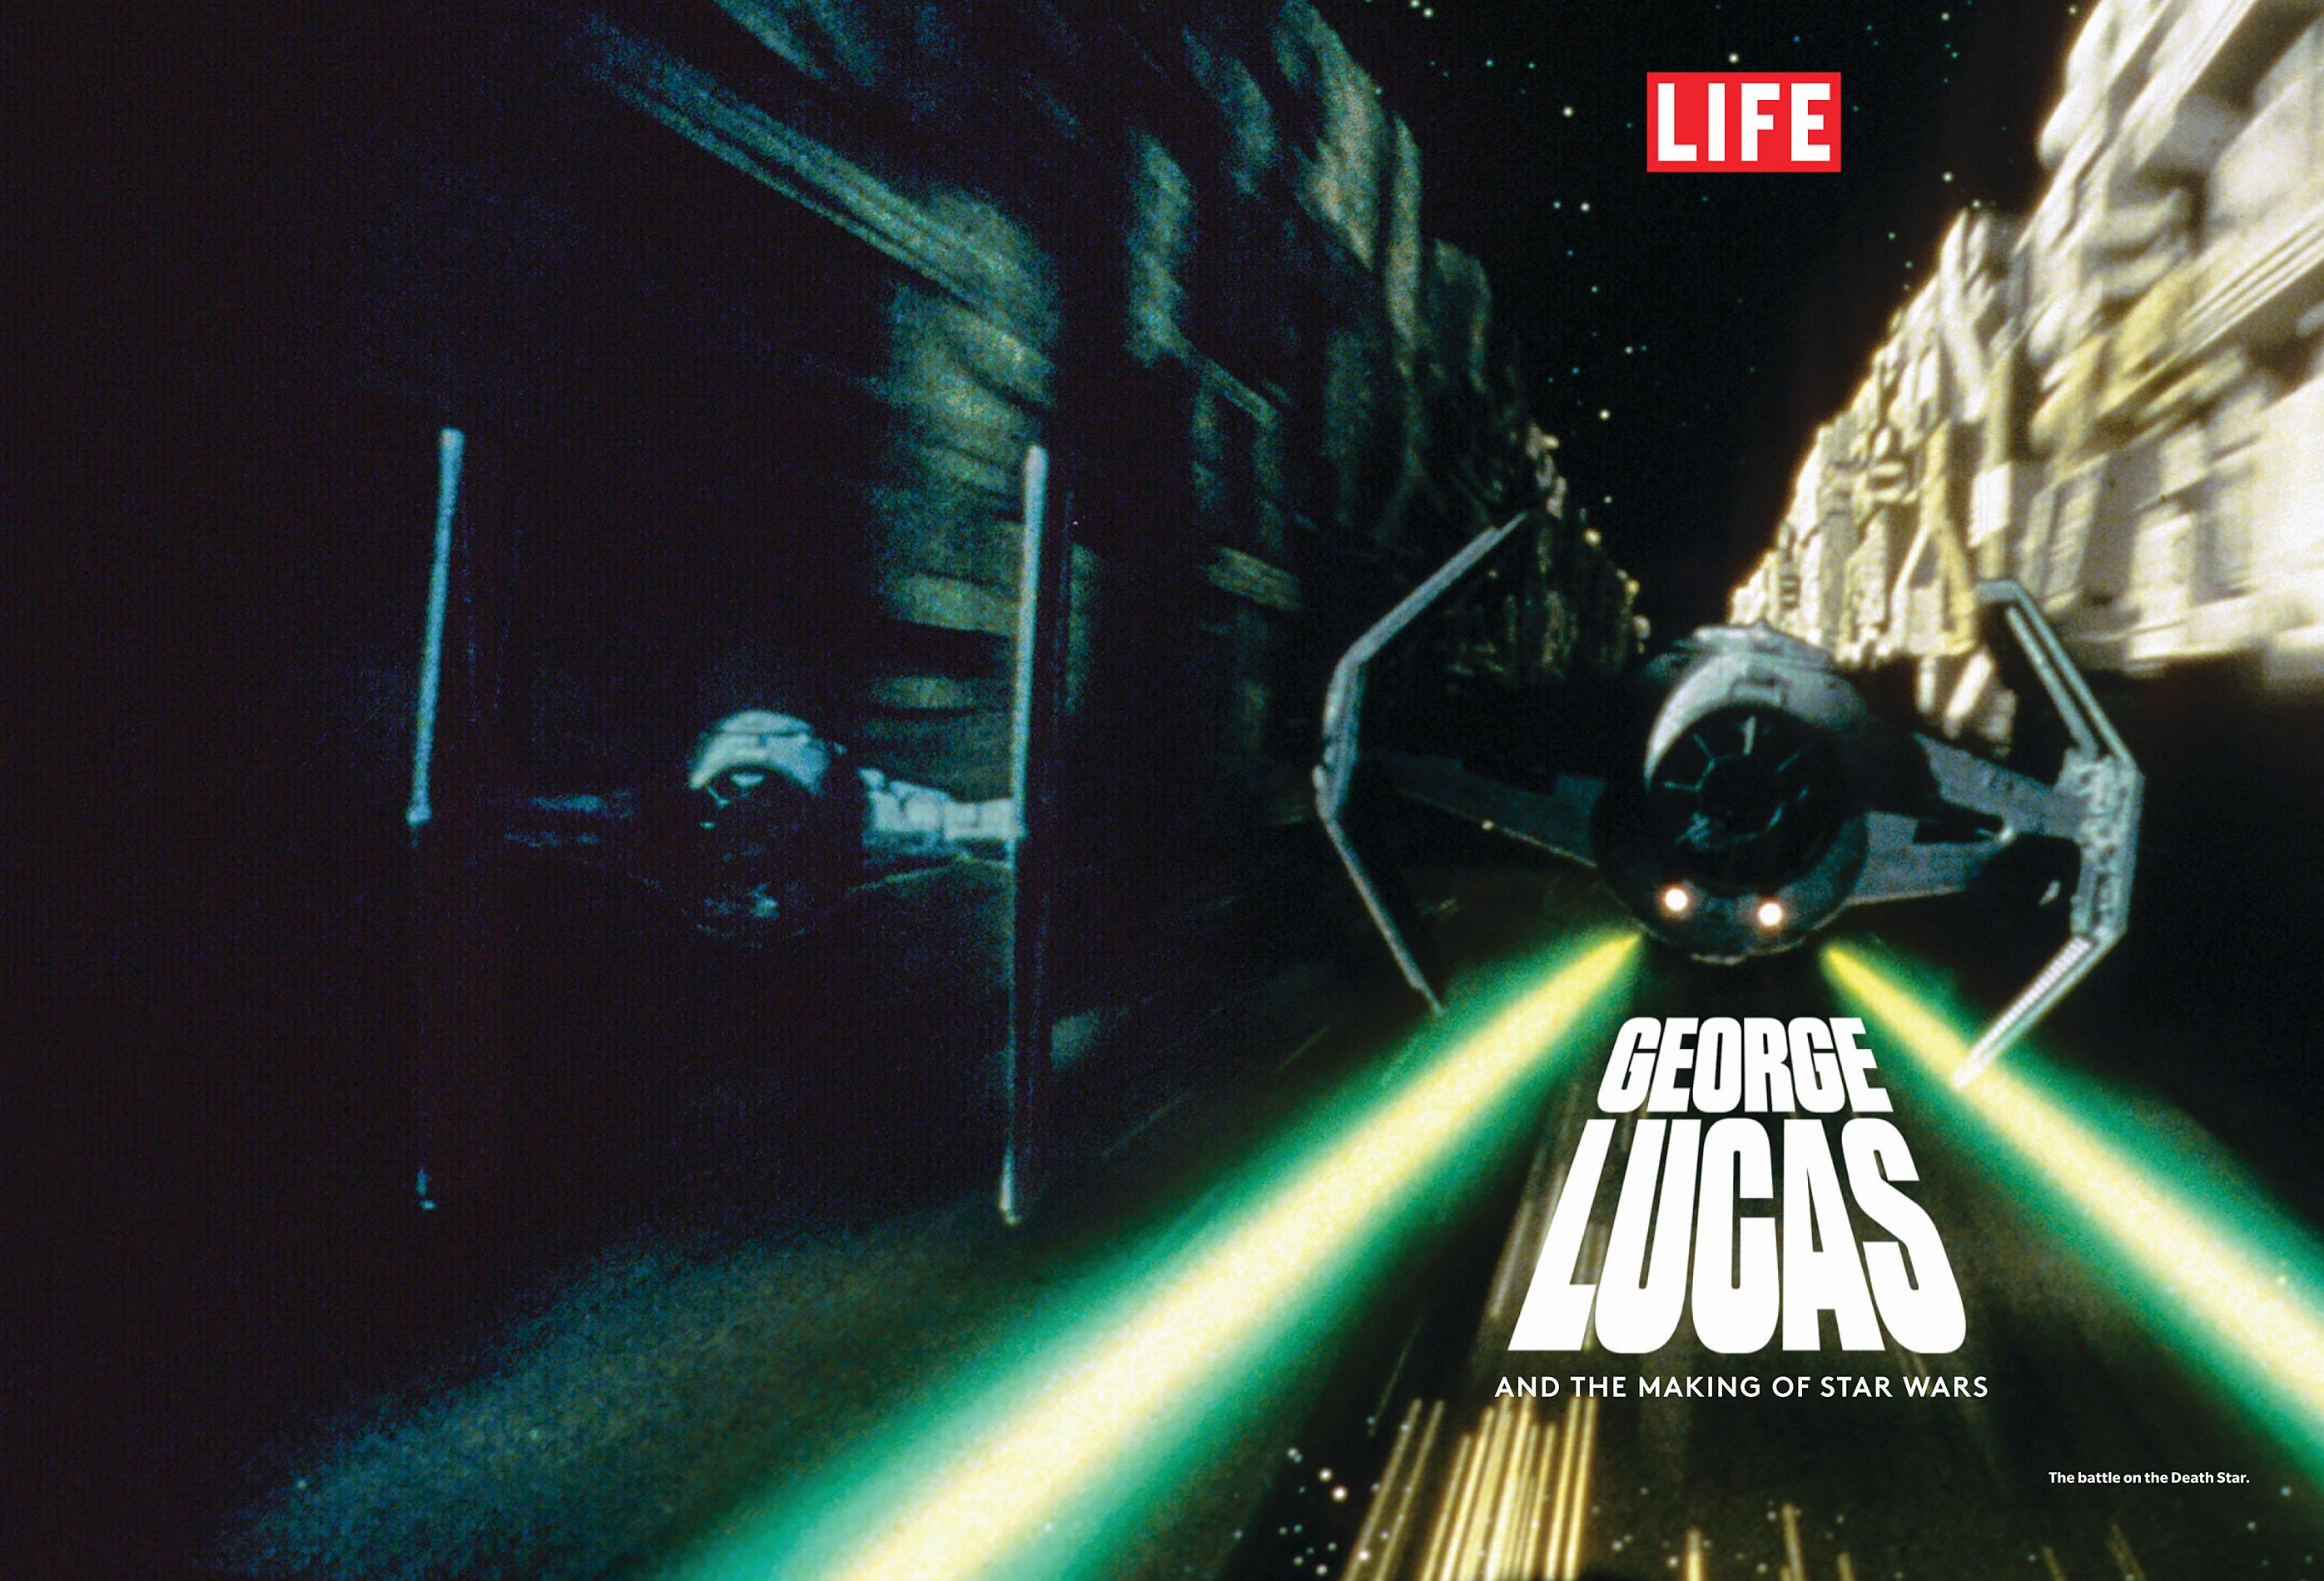 Life Bookazines 2019 George Lucas - Star Wars002.jpg